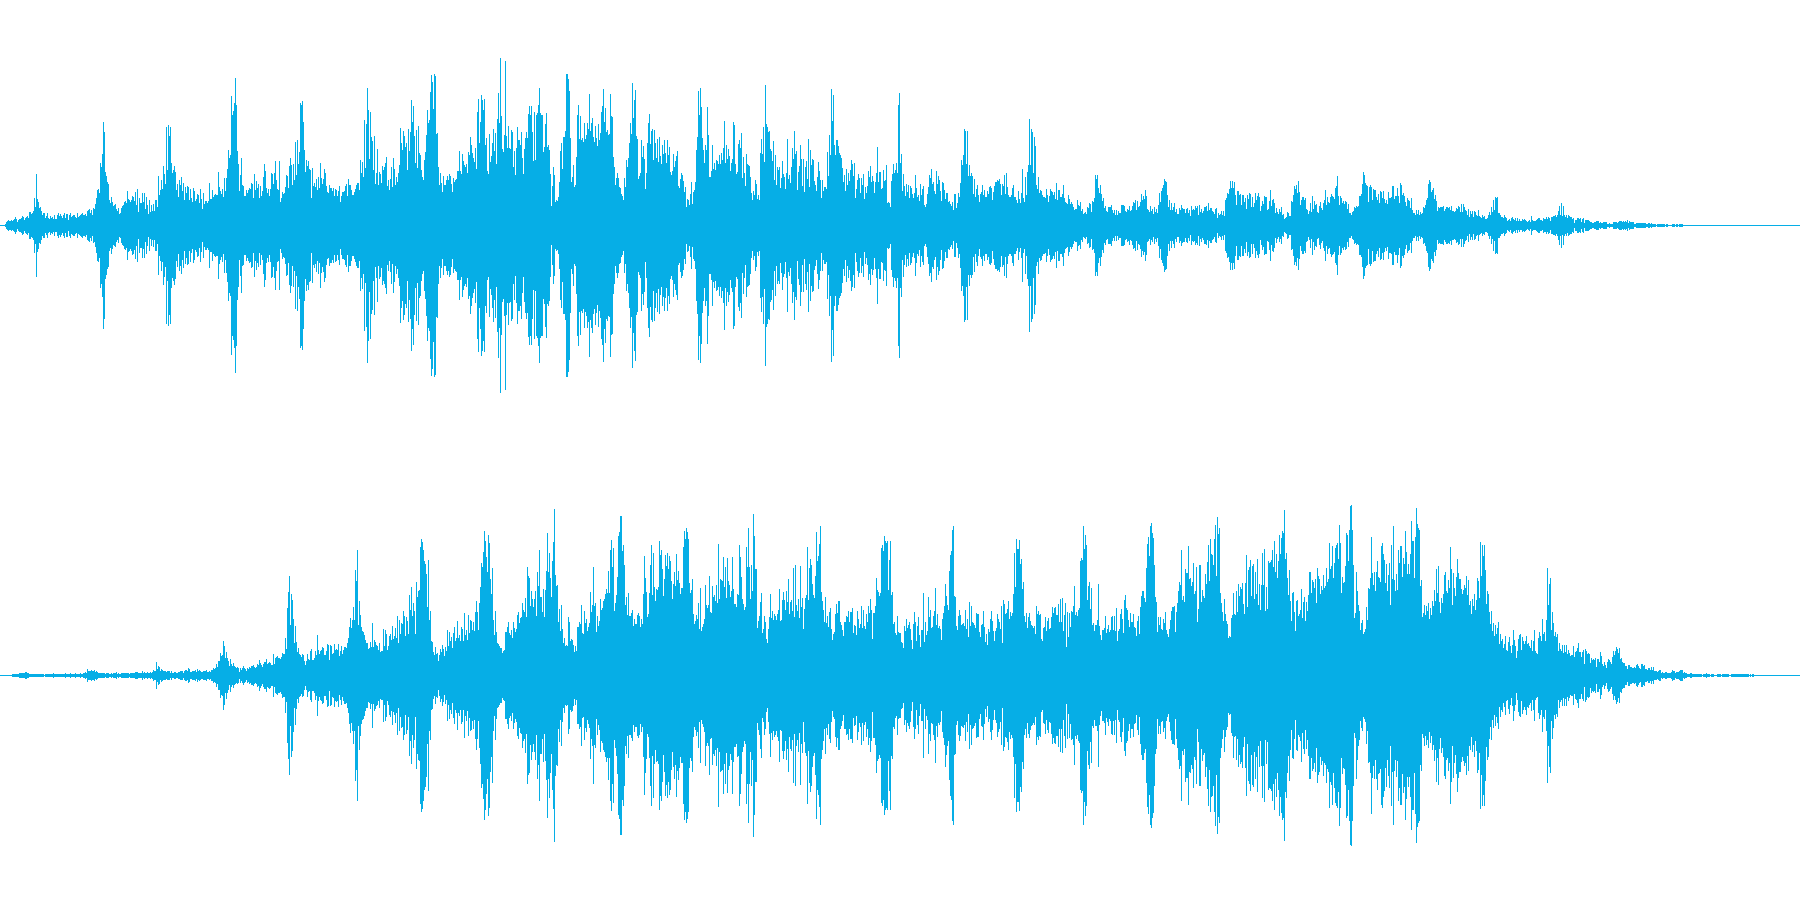 シャシャシャ(高い刻みのついた効果音)の再生済みの波形